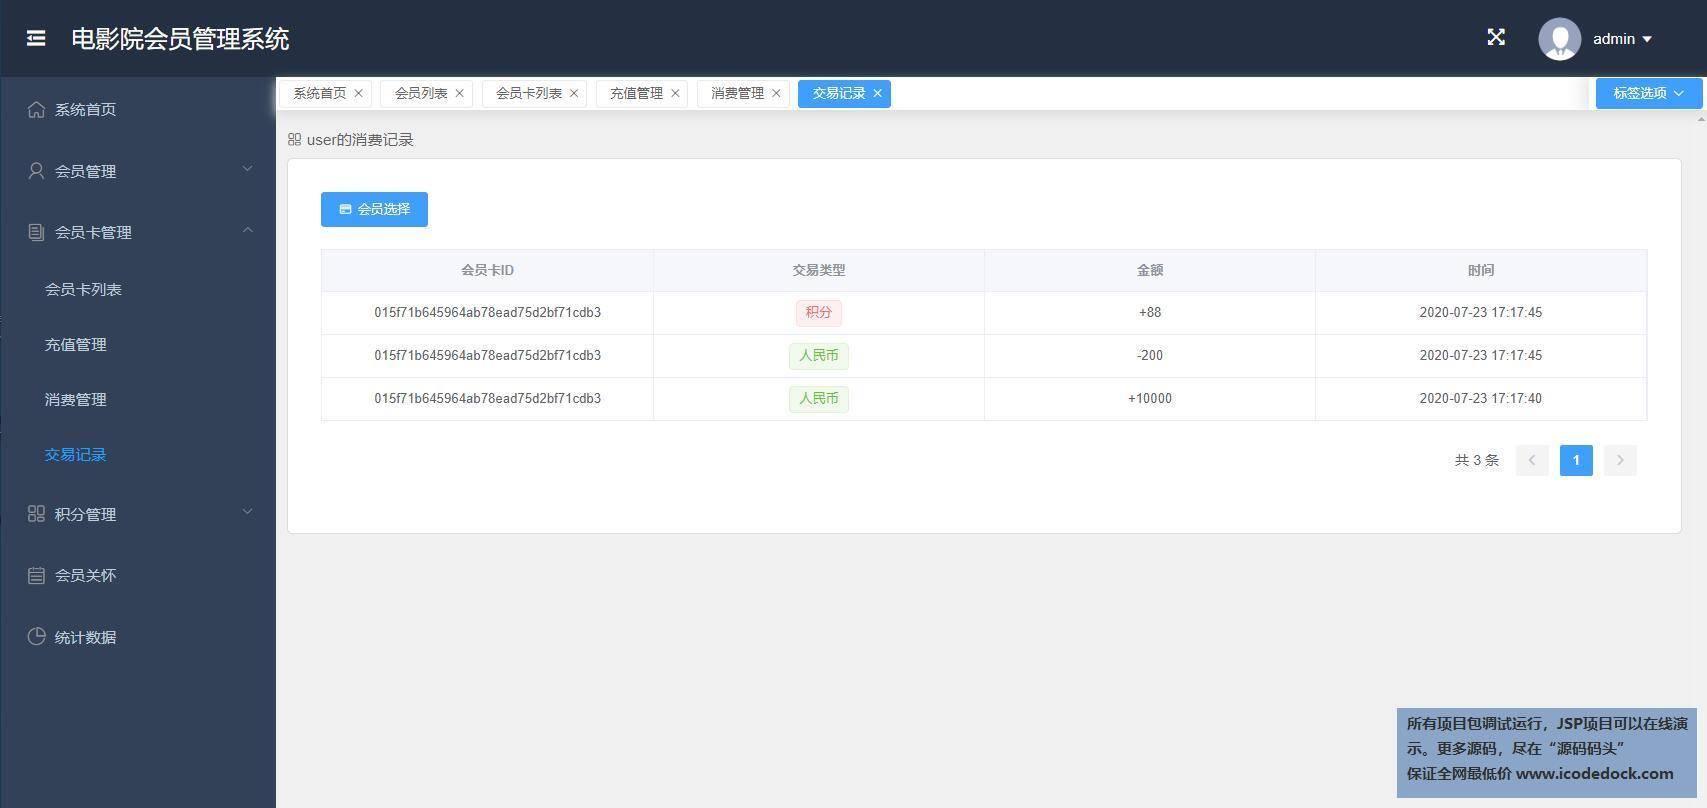 源码码头-SpringBoot电影院会员积分管理系统-管理员角色-交易记录